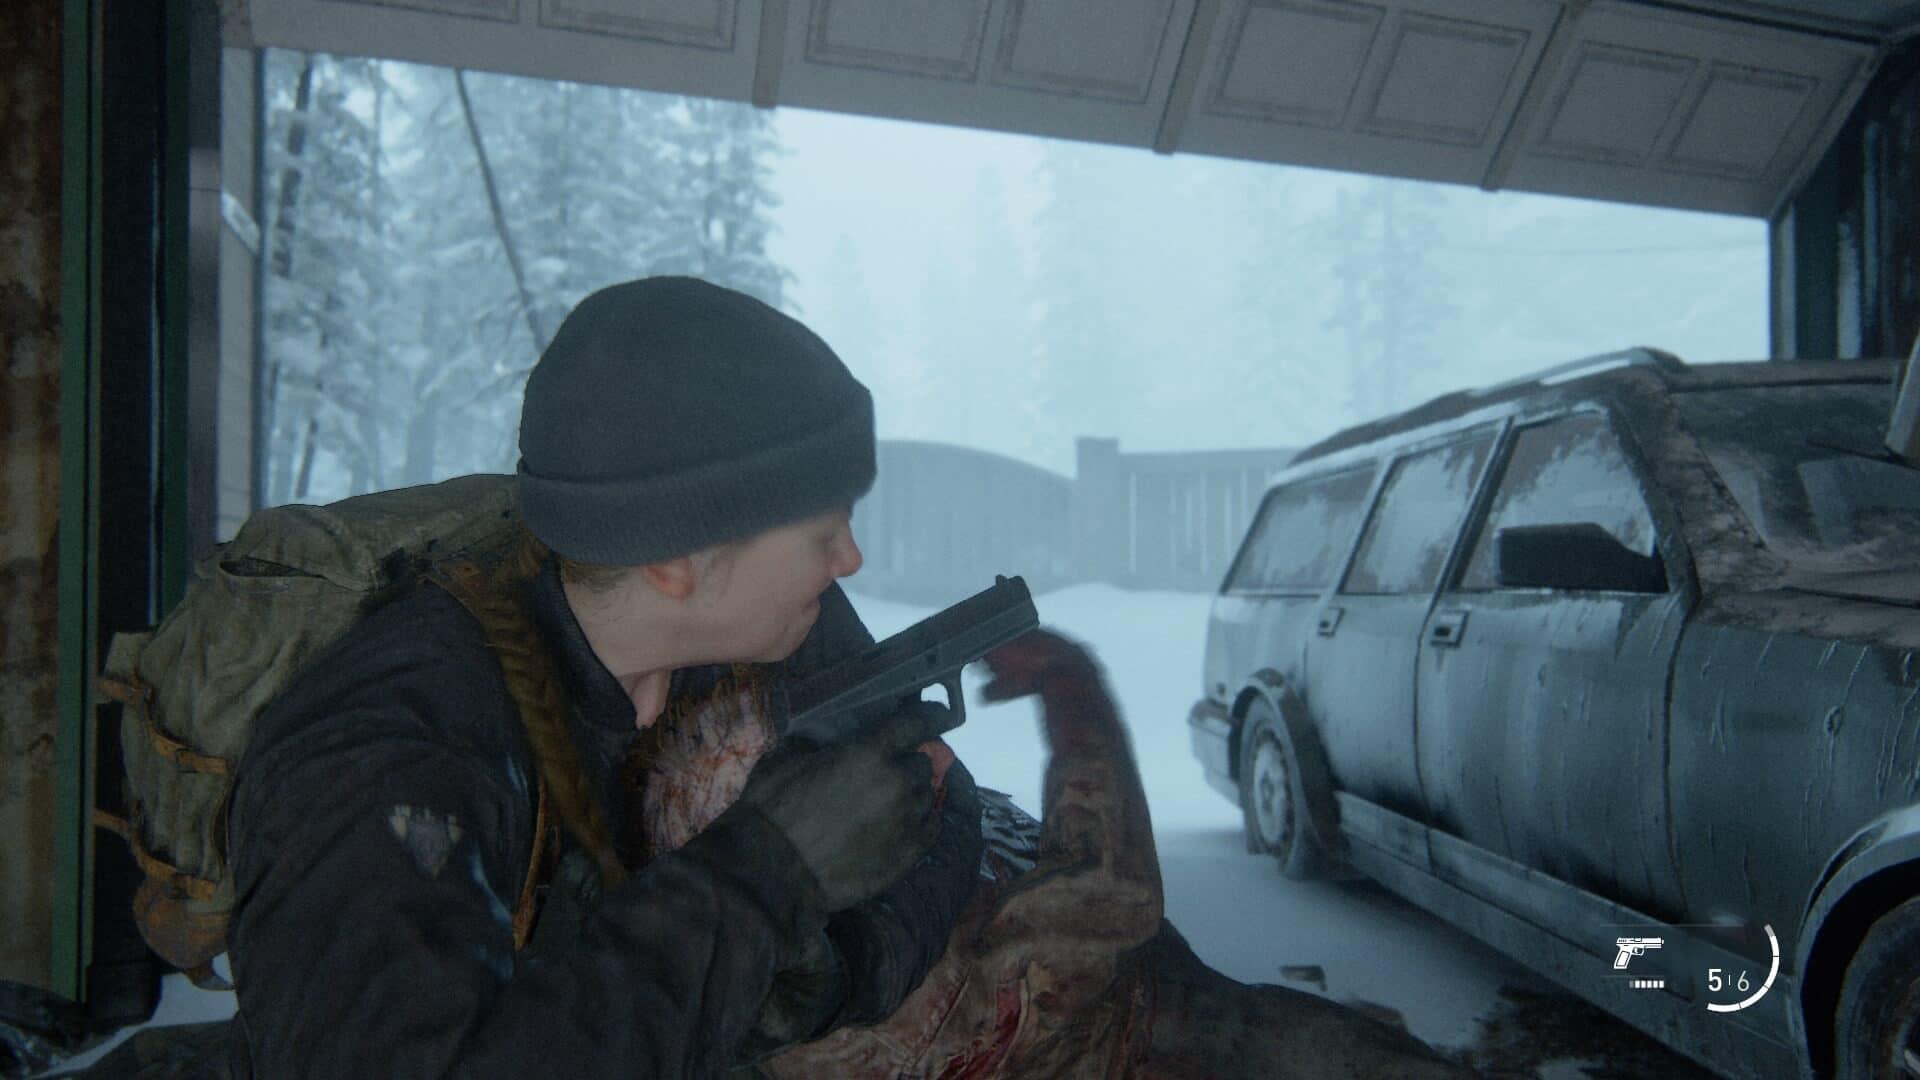 Eine Frau mit Mütze erwürgt einen Infizierten von hinten in einer Garage, in der ein altes Auto parkt.